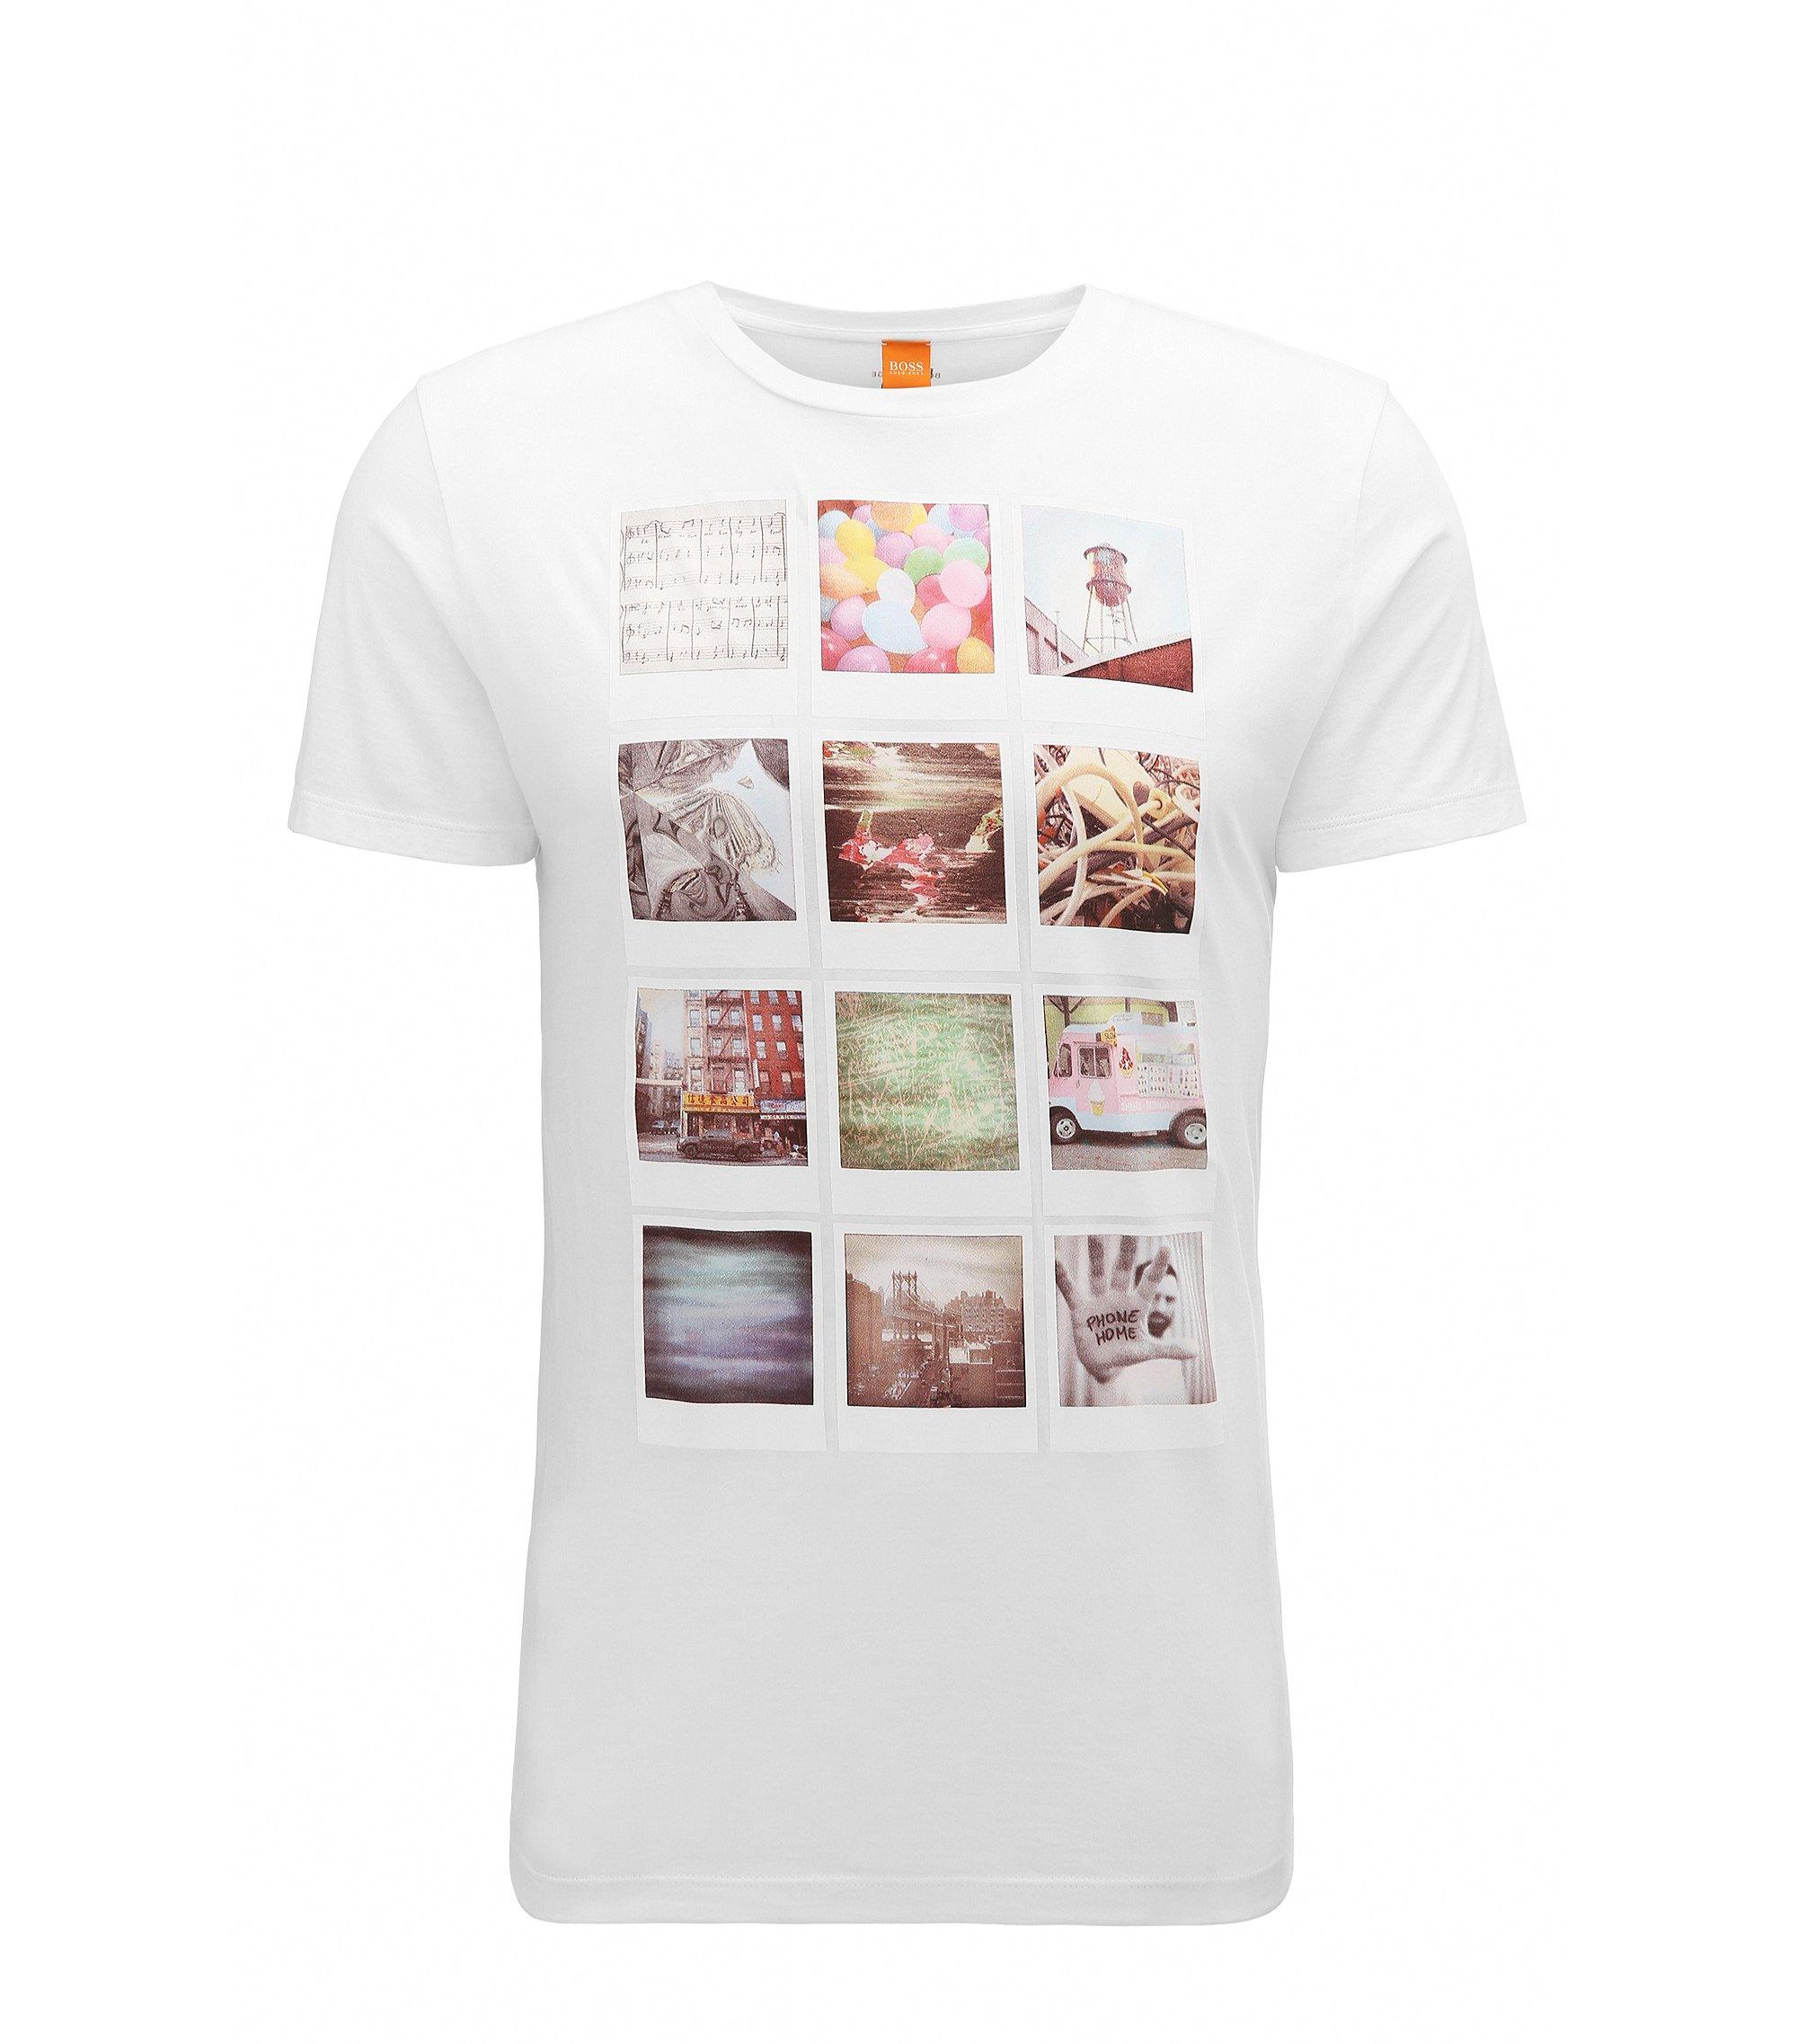 T-shirt Regular Fit en coton à imprimé de style polaroïd, Blanc